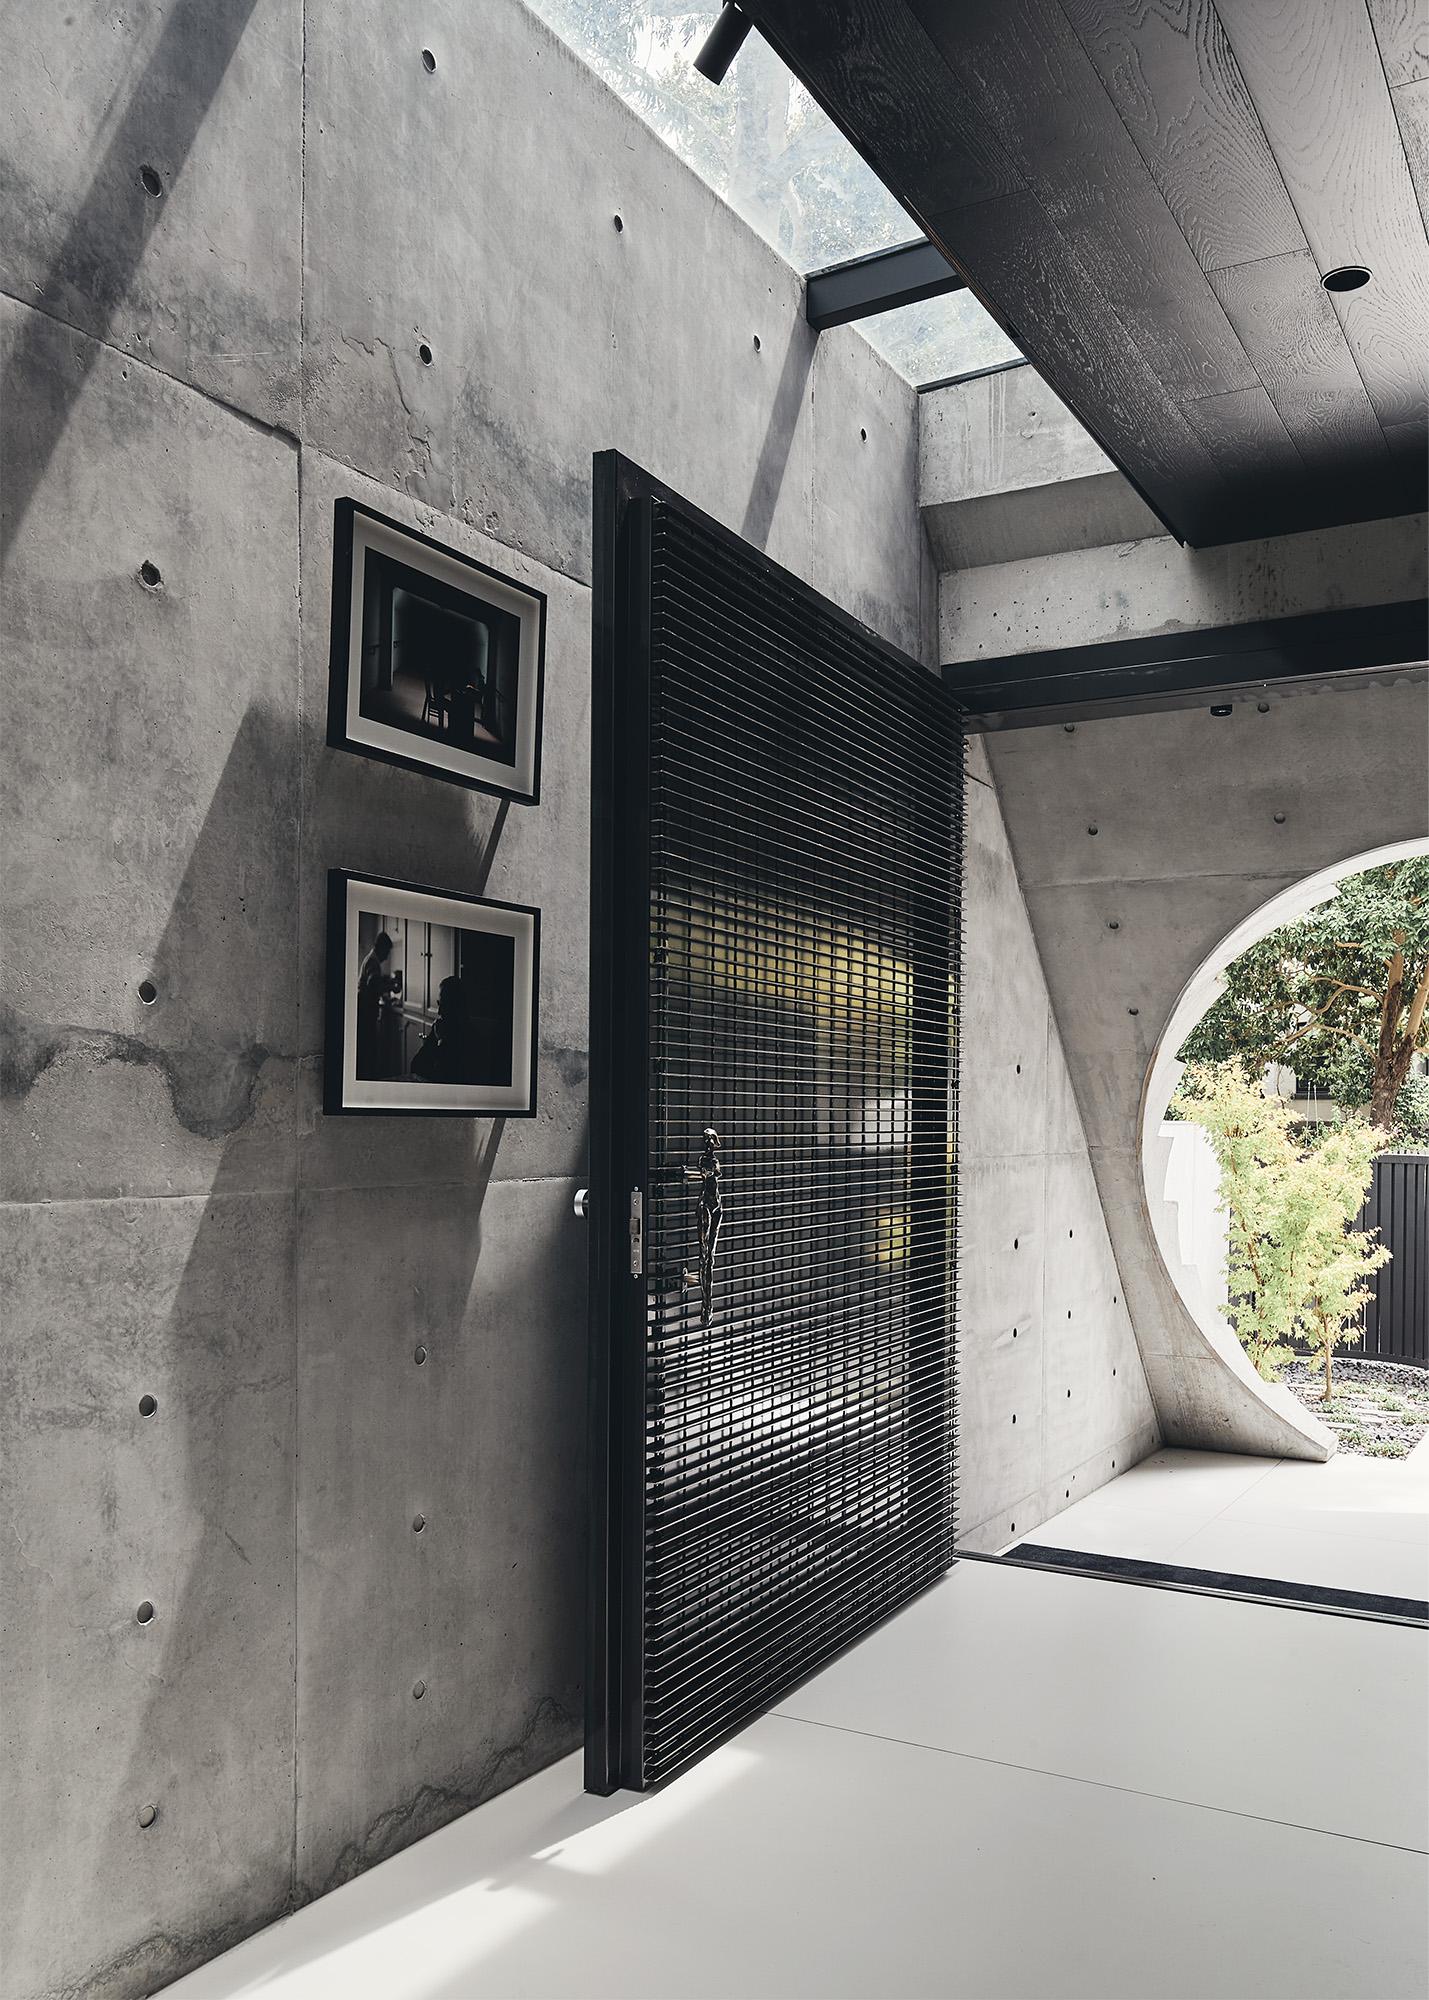 black metallic entrance door and skylight over the corridor